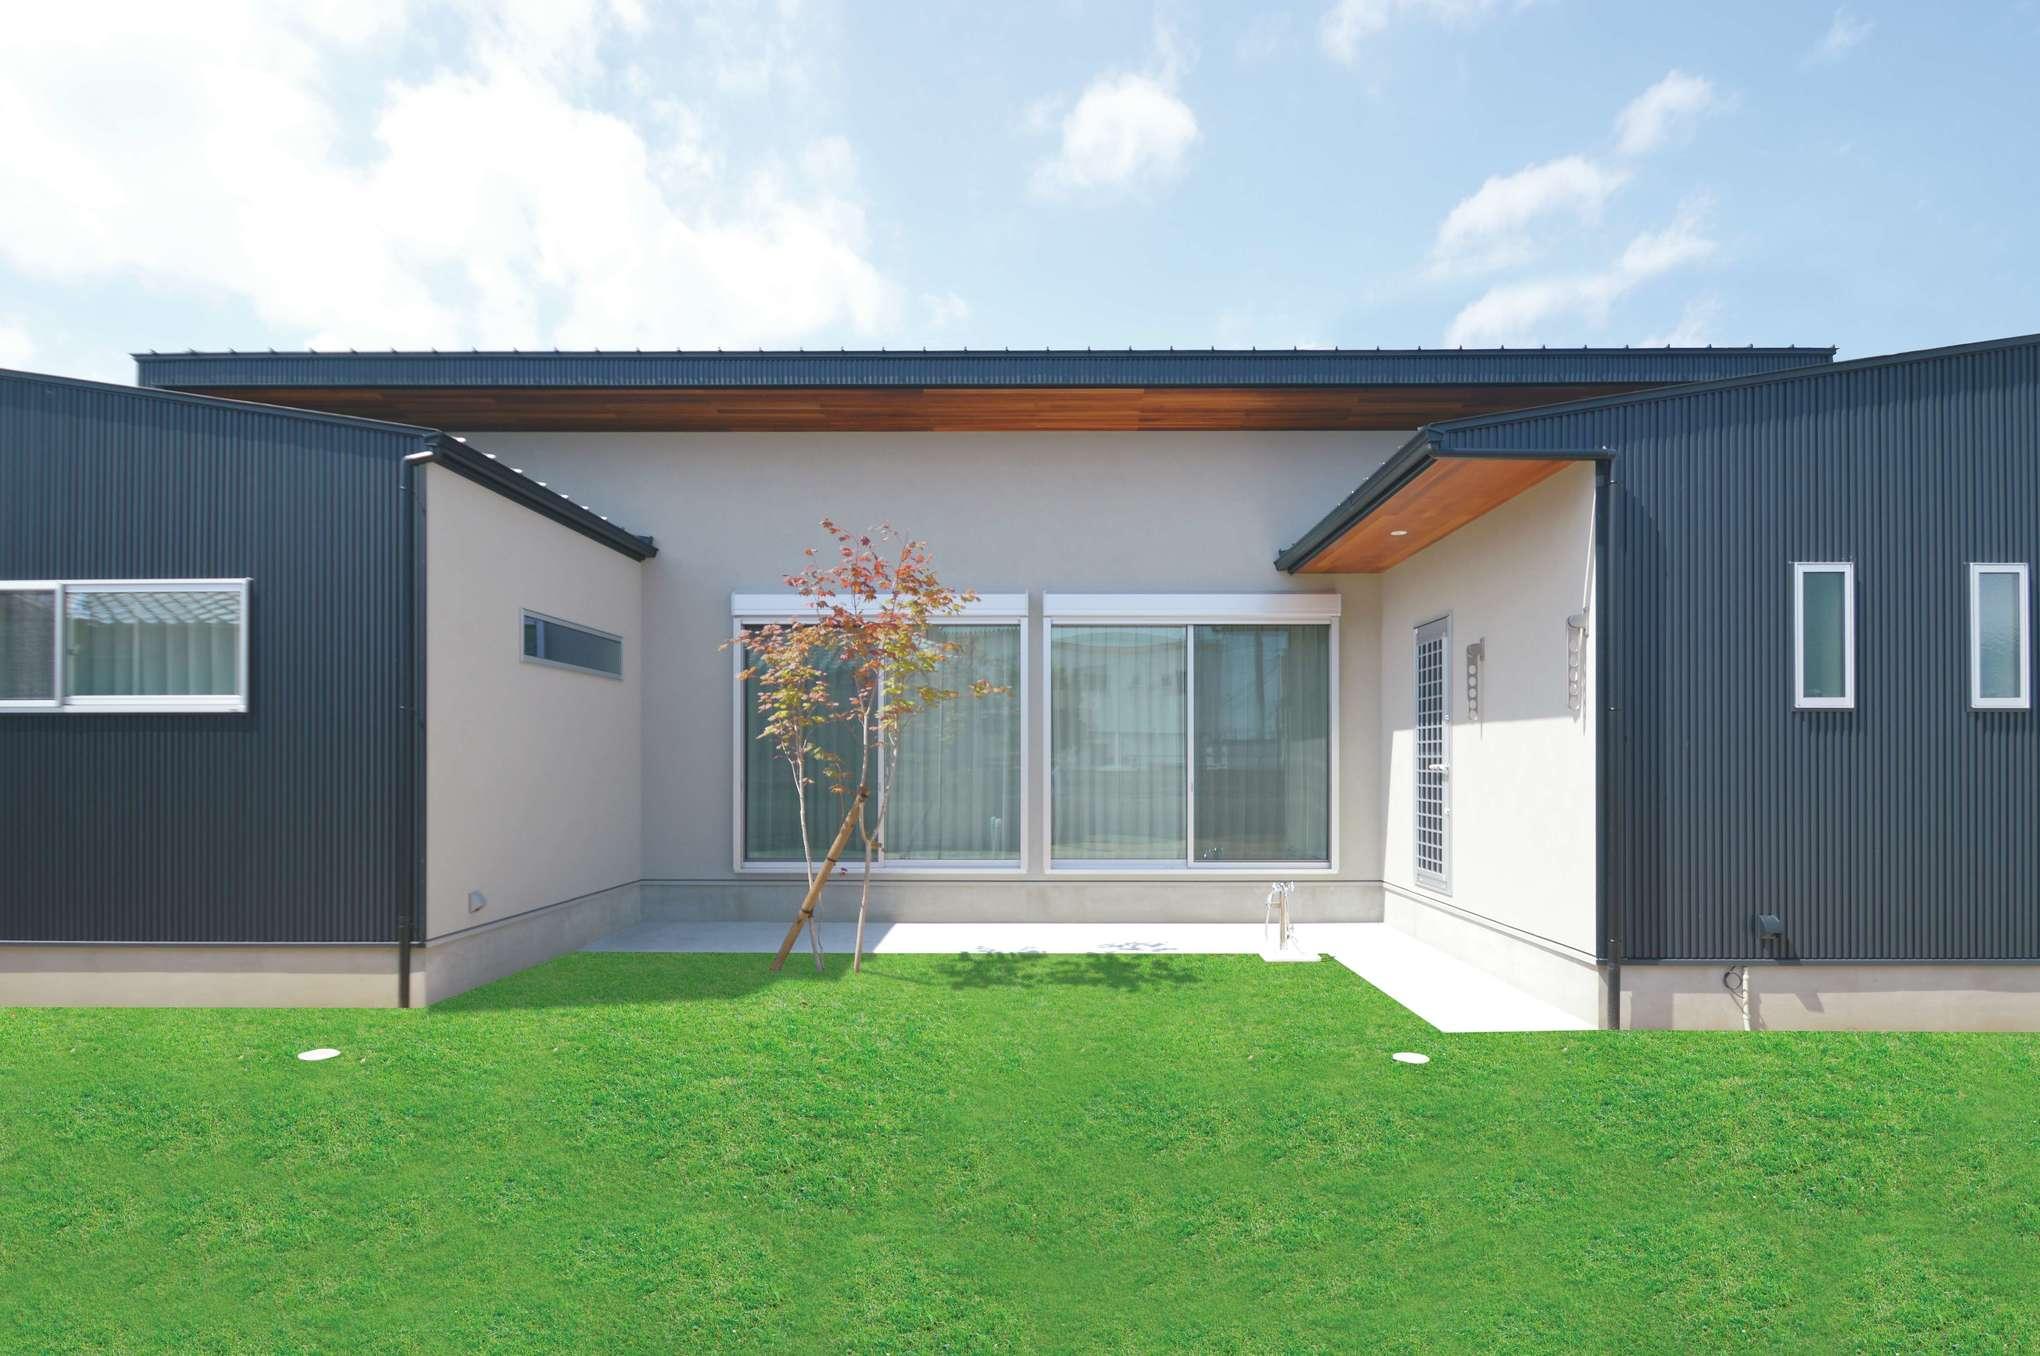 ワンズホーム【デザイン住宅、ペット、平屋】広い庭は愛犬が駆け回れるドッグランスペース